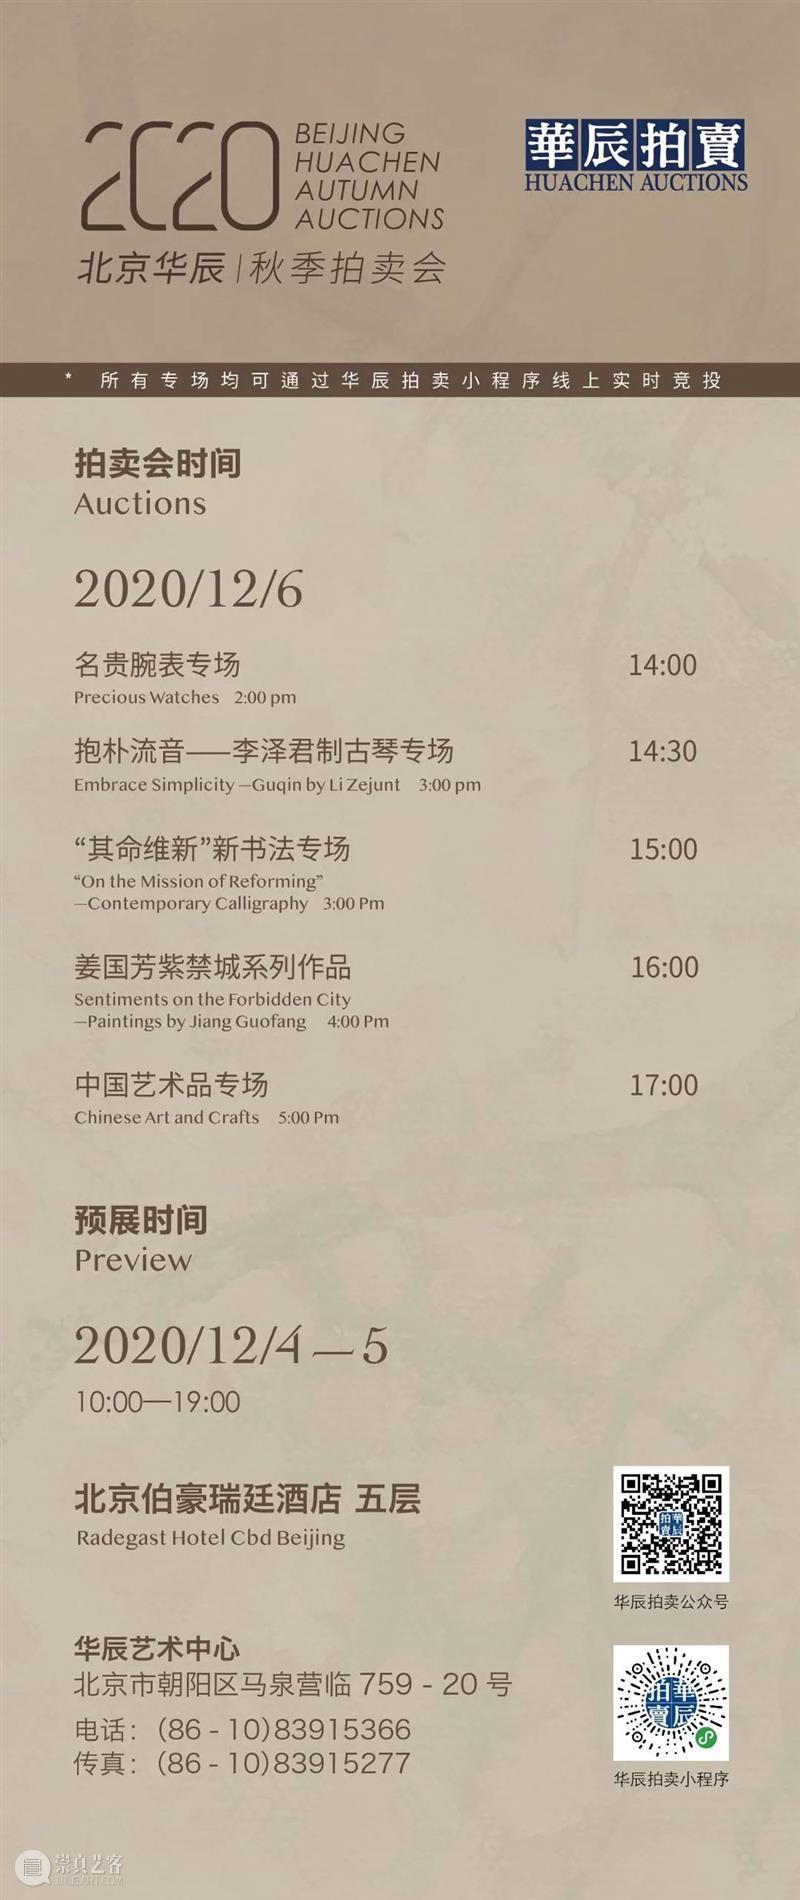 北京华辰2020年秋季拍卖会今日开始预展 北京 华辰 拍卖会 北京伯豪瑞廷酒店 传统 部门 市场 学术 方面 特色 崇真艺客